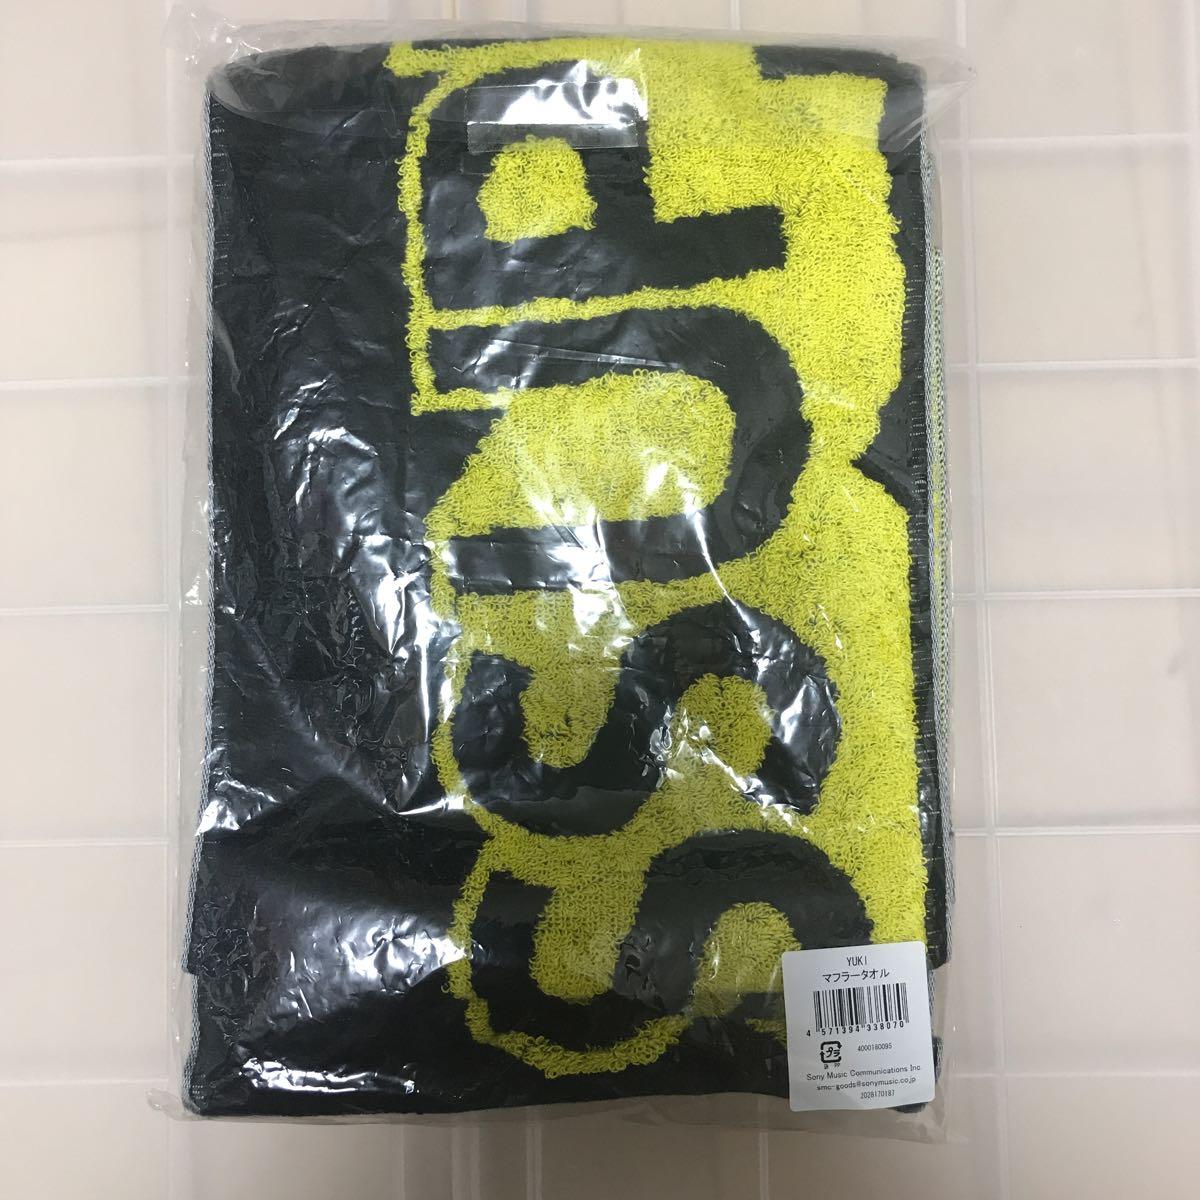 【未開封新品】YUKI 夏フェス グッズ マフラータオル 2011 ユキ ライブ SUPER SUMMER!!_画像2